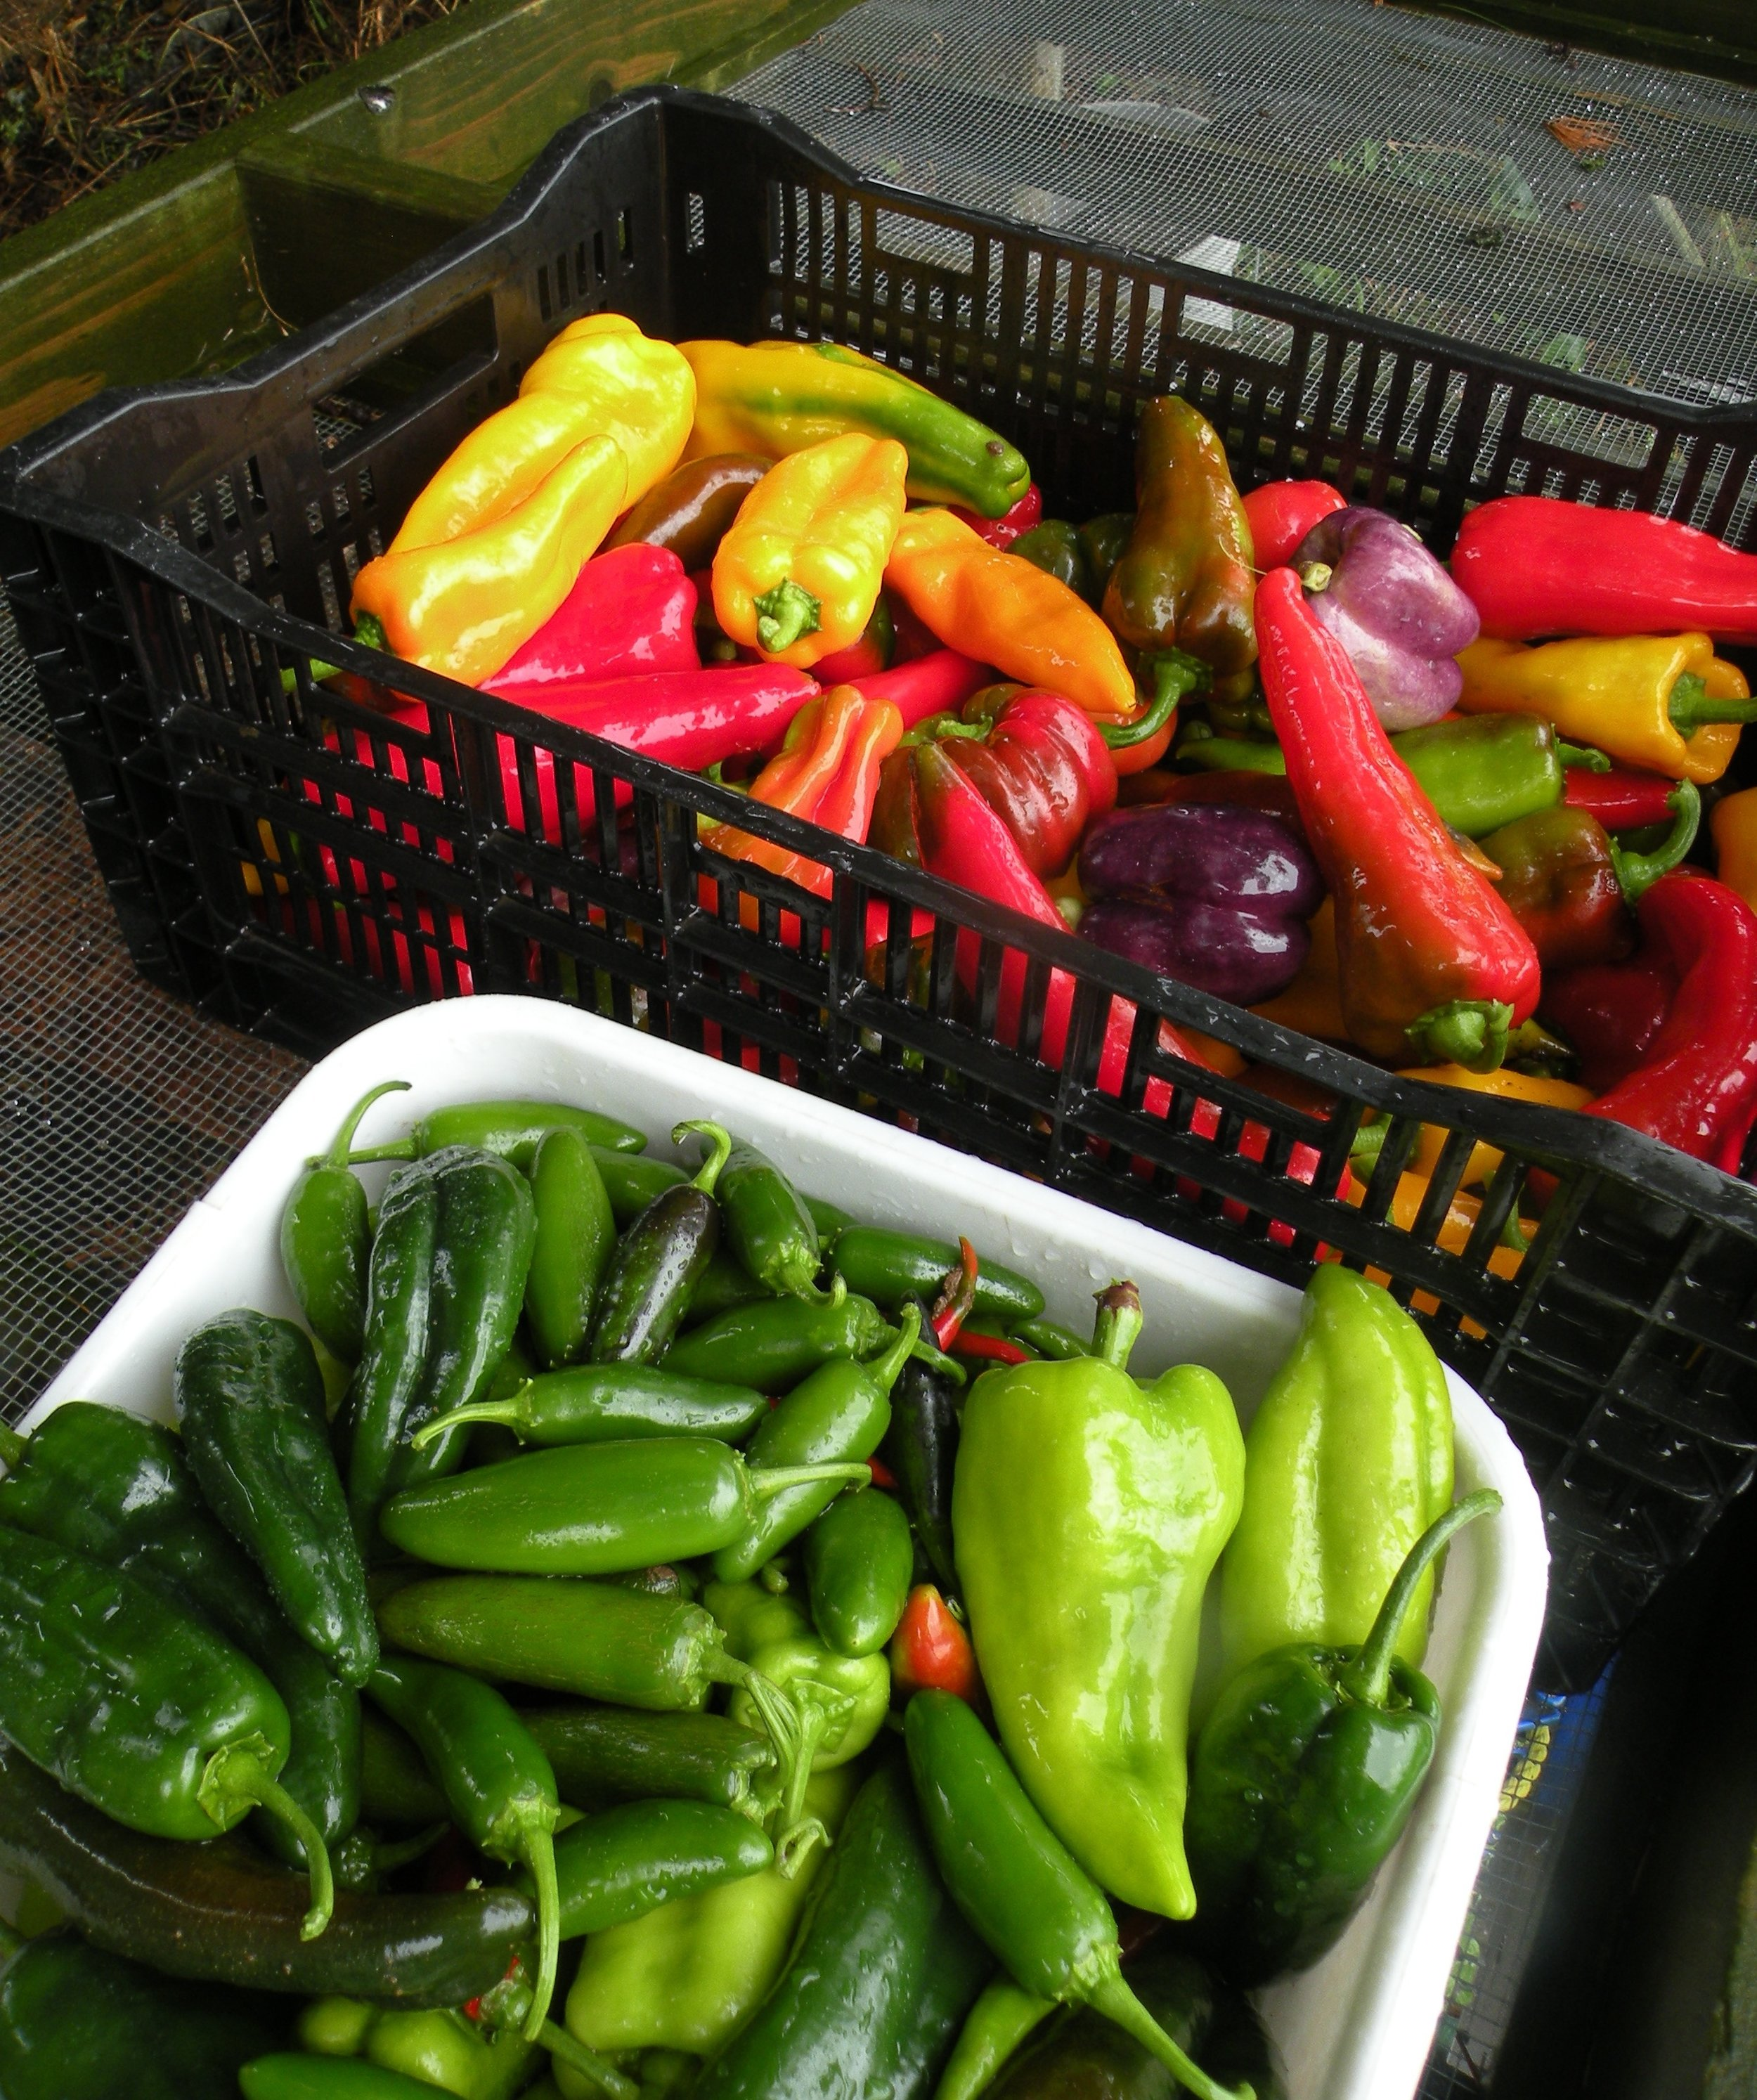 pepper harvest 8 - 26 - 16.jpg